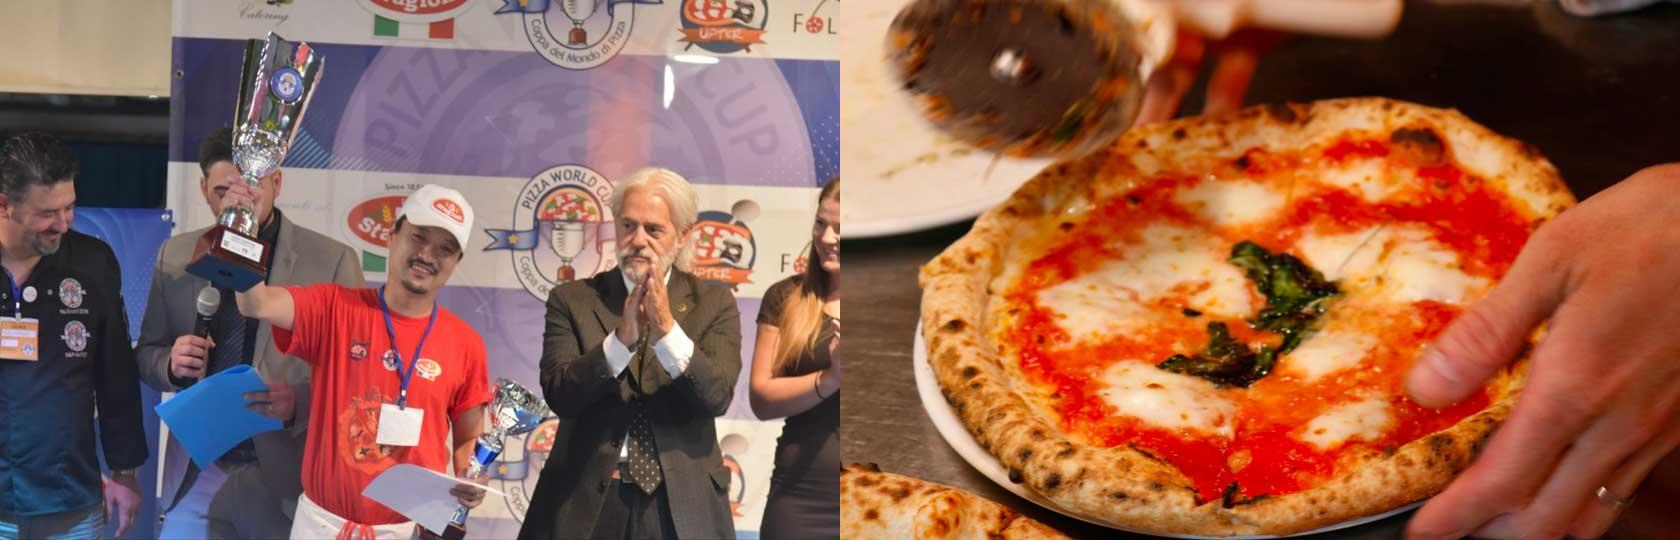 イタリアが認めた世界一のPIZZAをご家庭へ